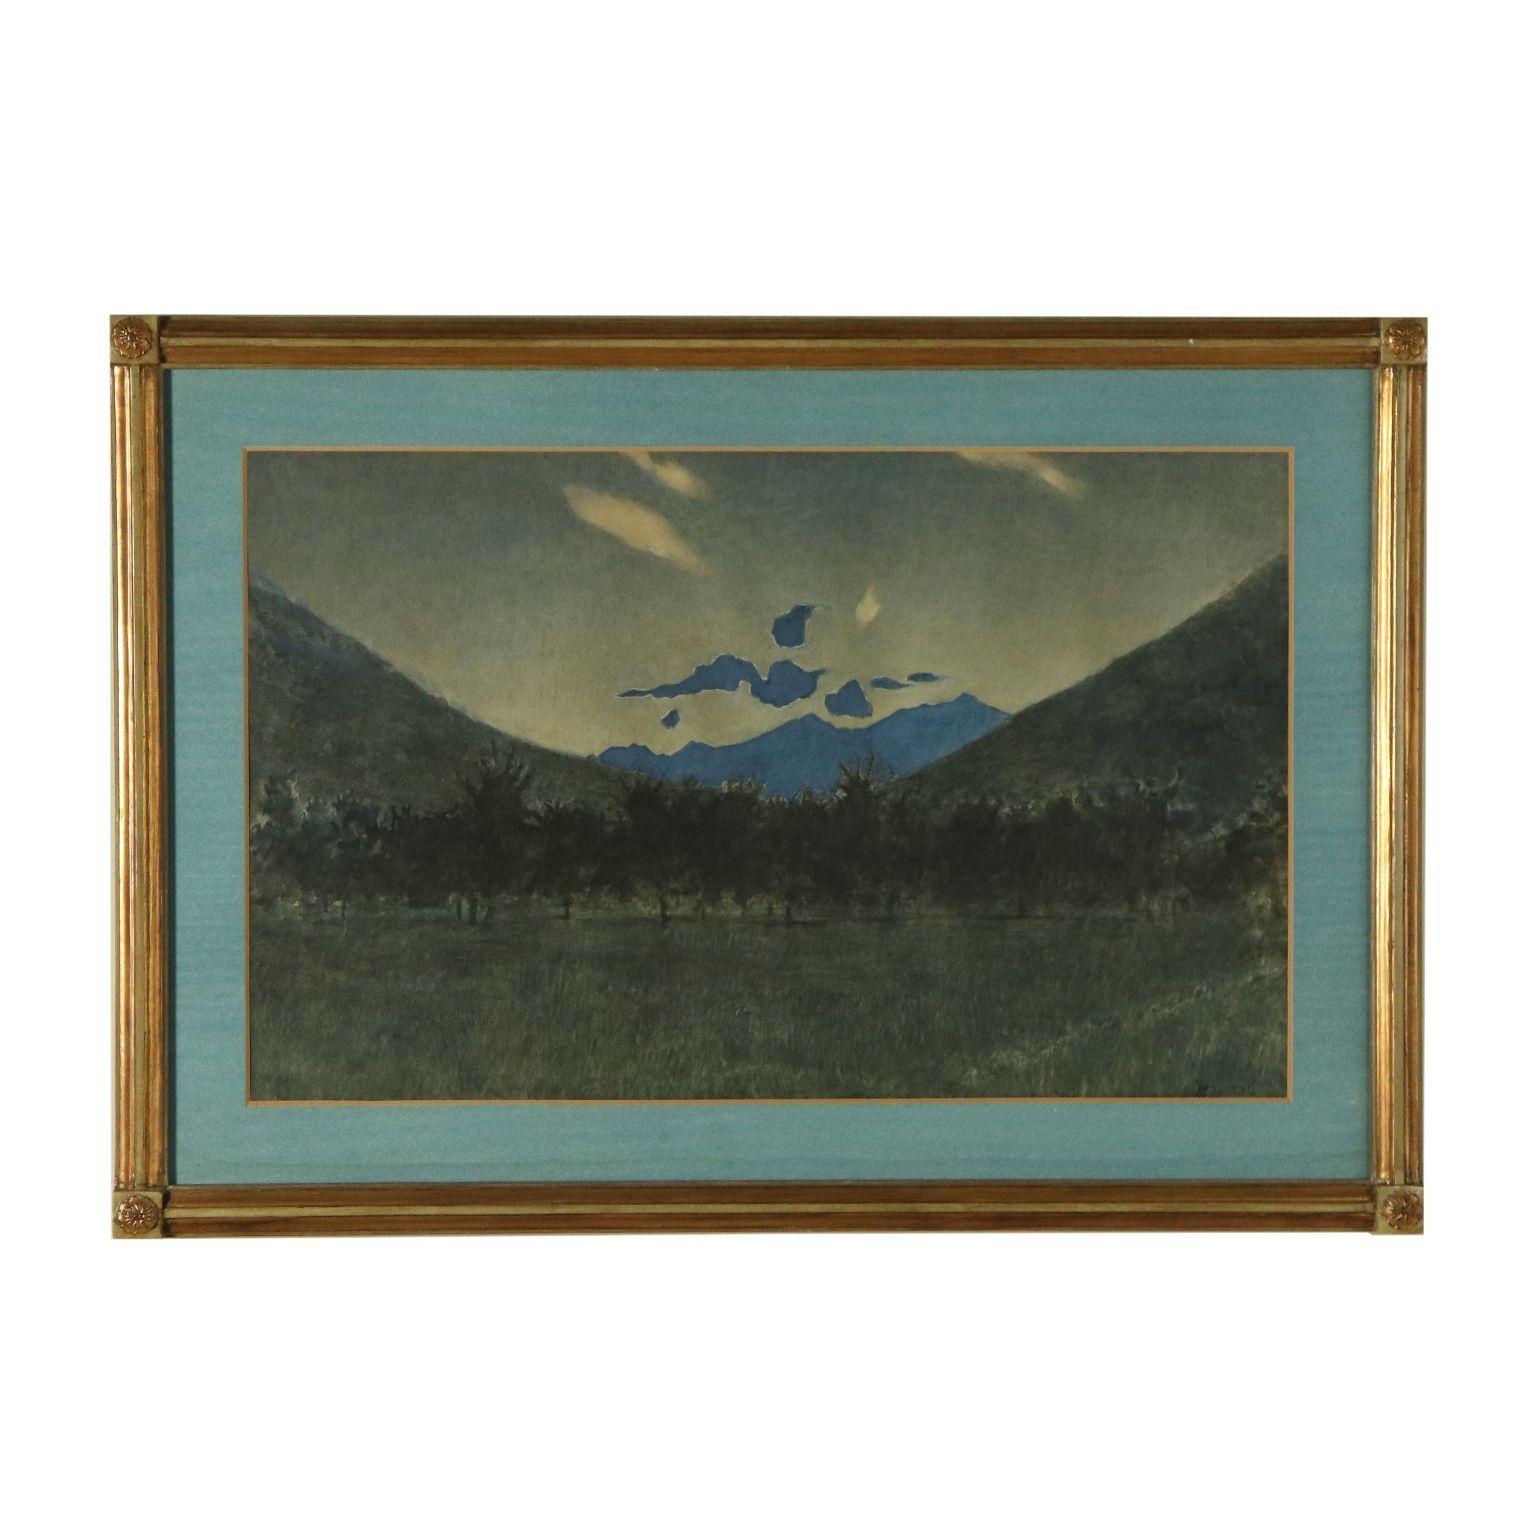 Landscape by Nightfall by Luigi Conconi Mixed Technique Late 1800s  #1800s #Conconi #Landscape #late #Luigi #Mixed #Nightfall #Technique